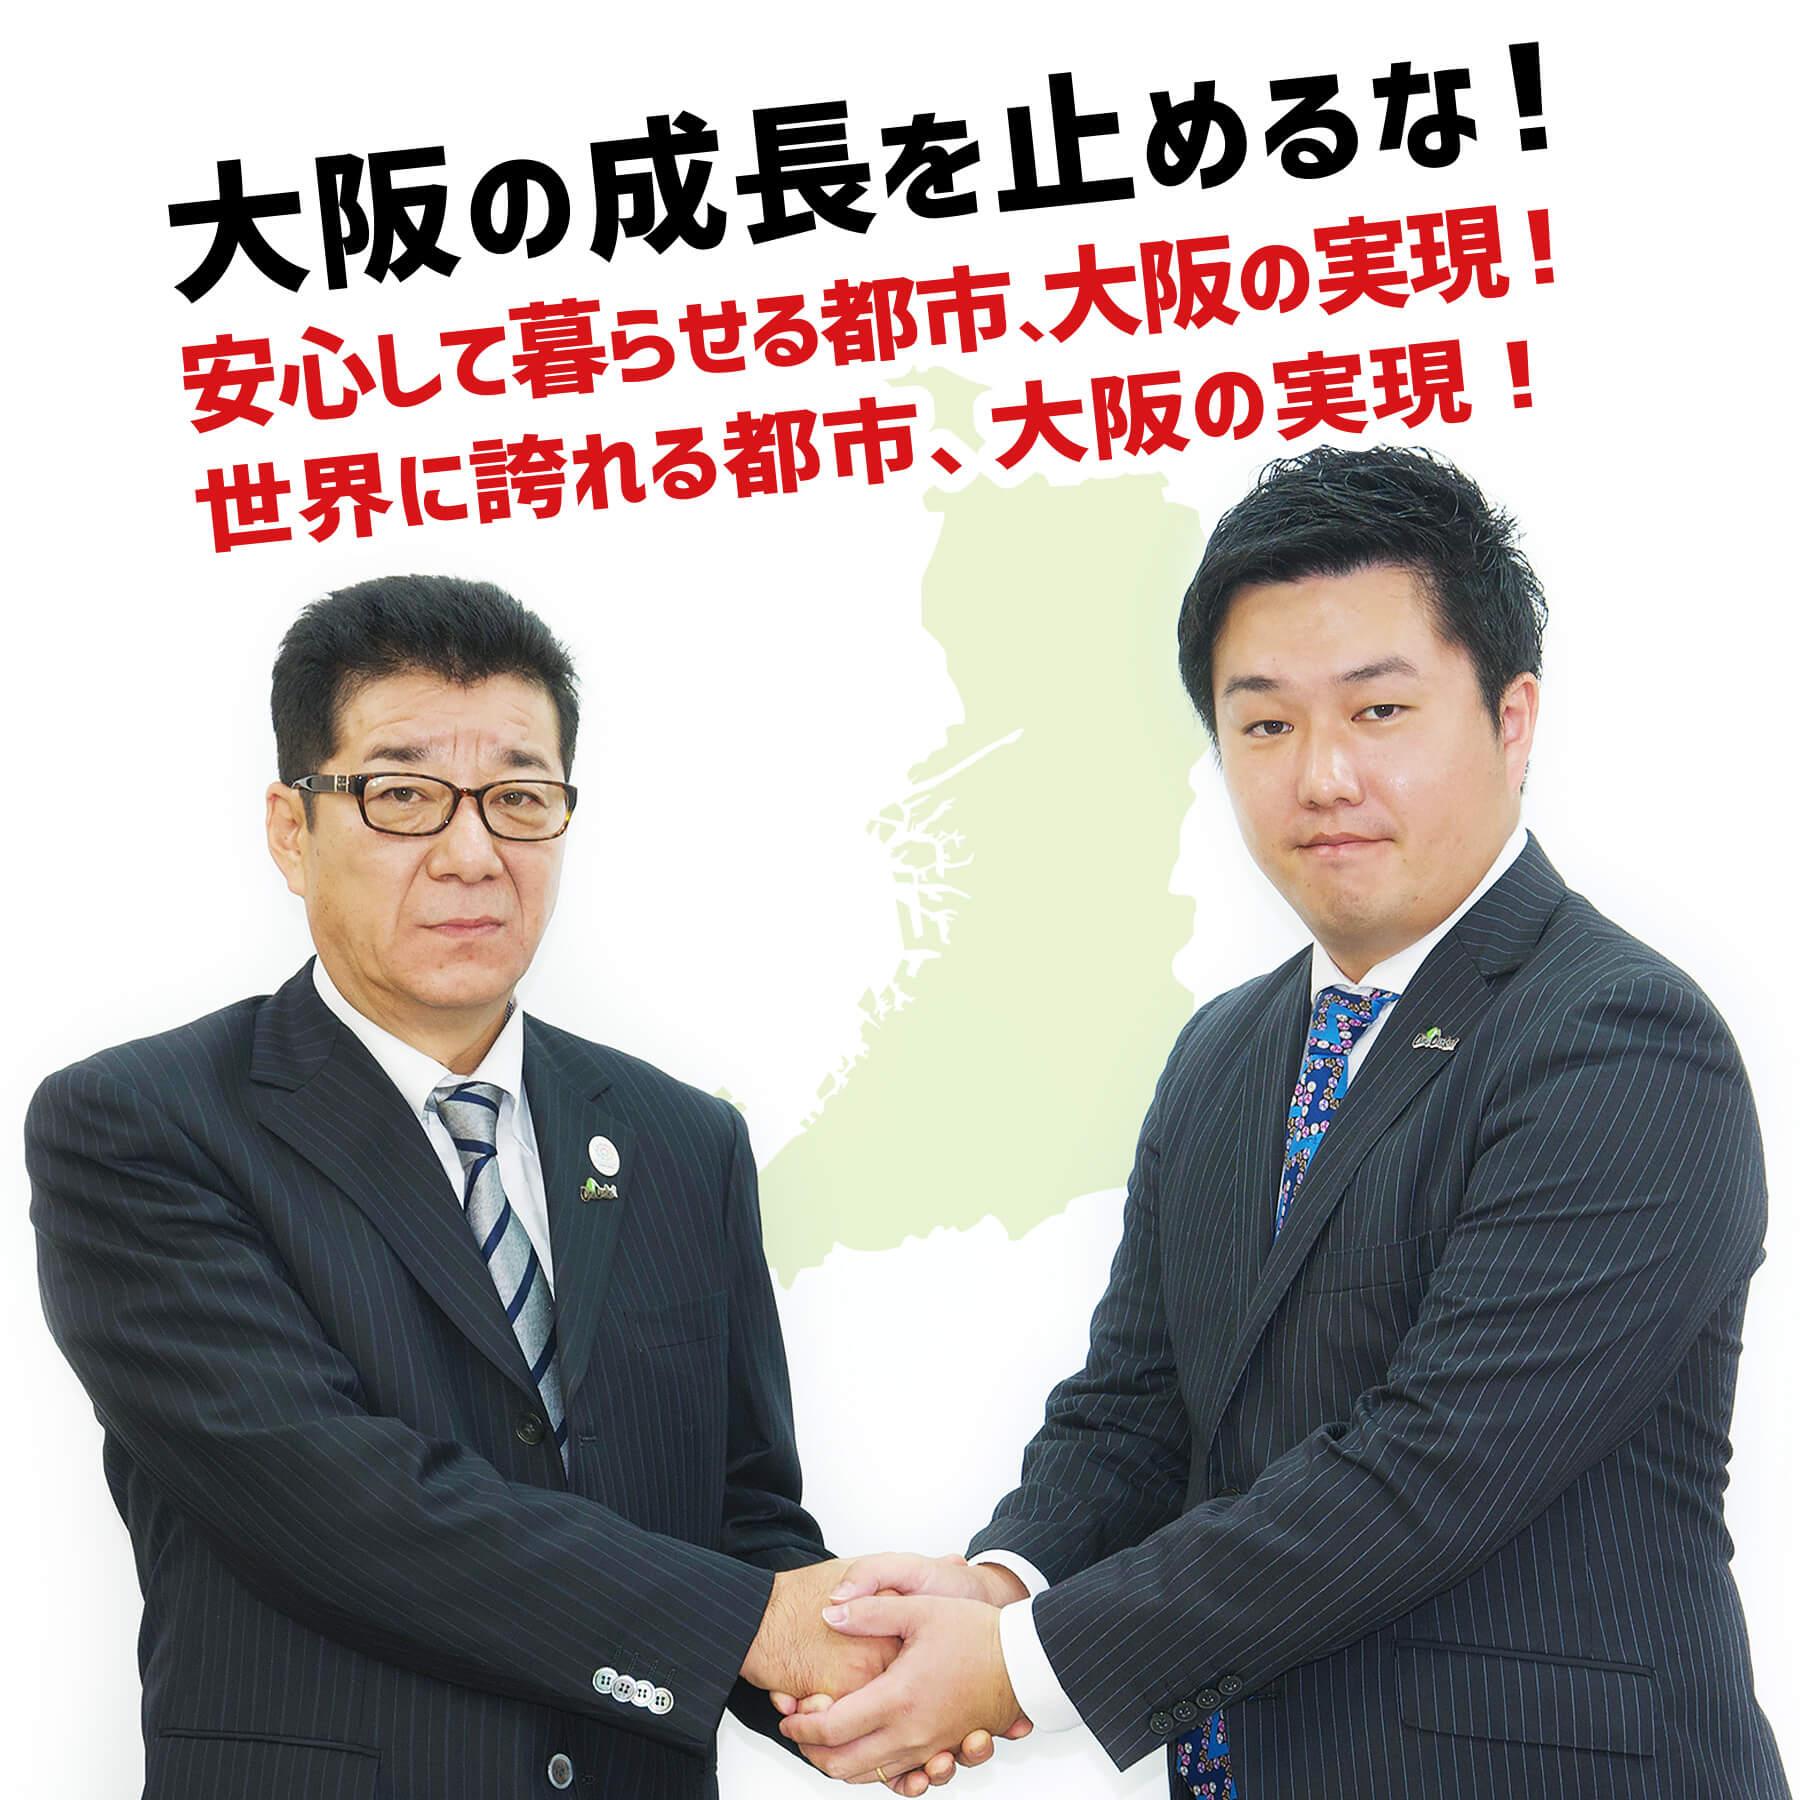 安心して暮らせる都市、大阪の実現!大阪の成長を止めるな!